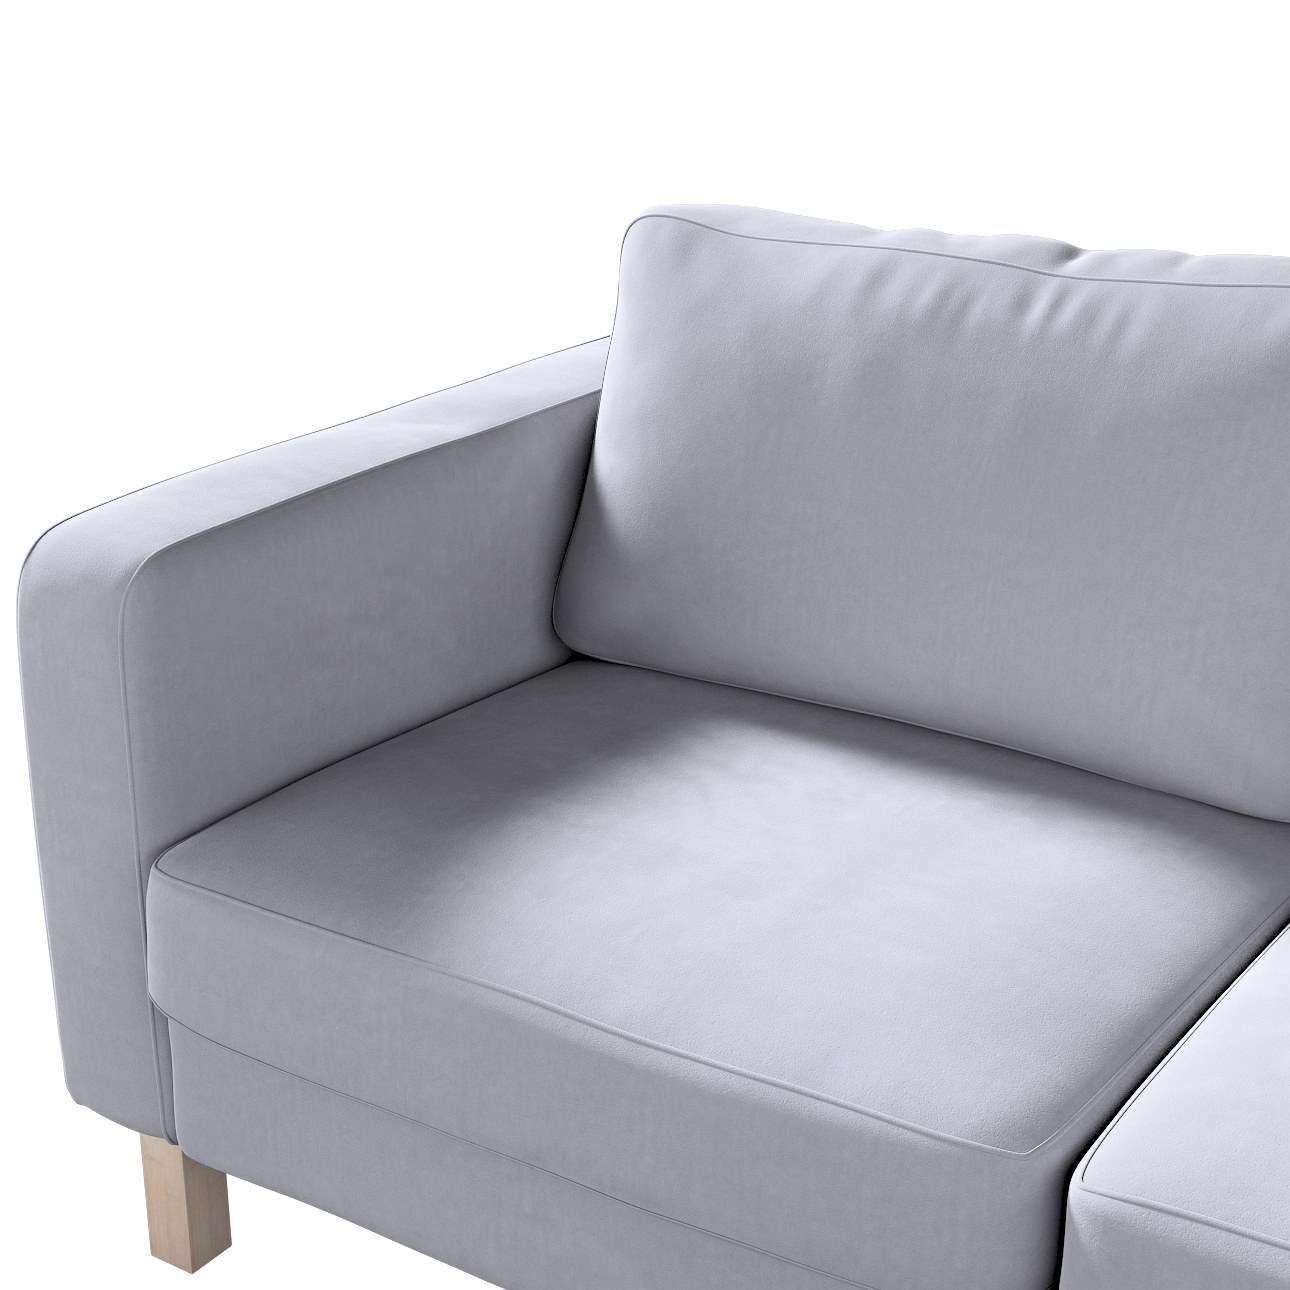 Pokrowiec na sofę Karlstad 2-osobową nierozkładaną krótki w kolekcji Velvet, tkanina: 704-24